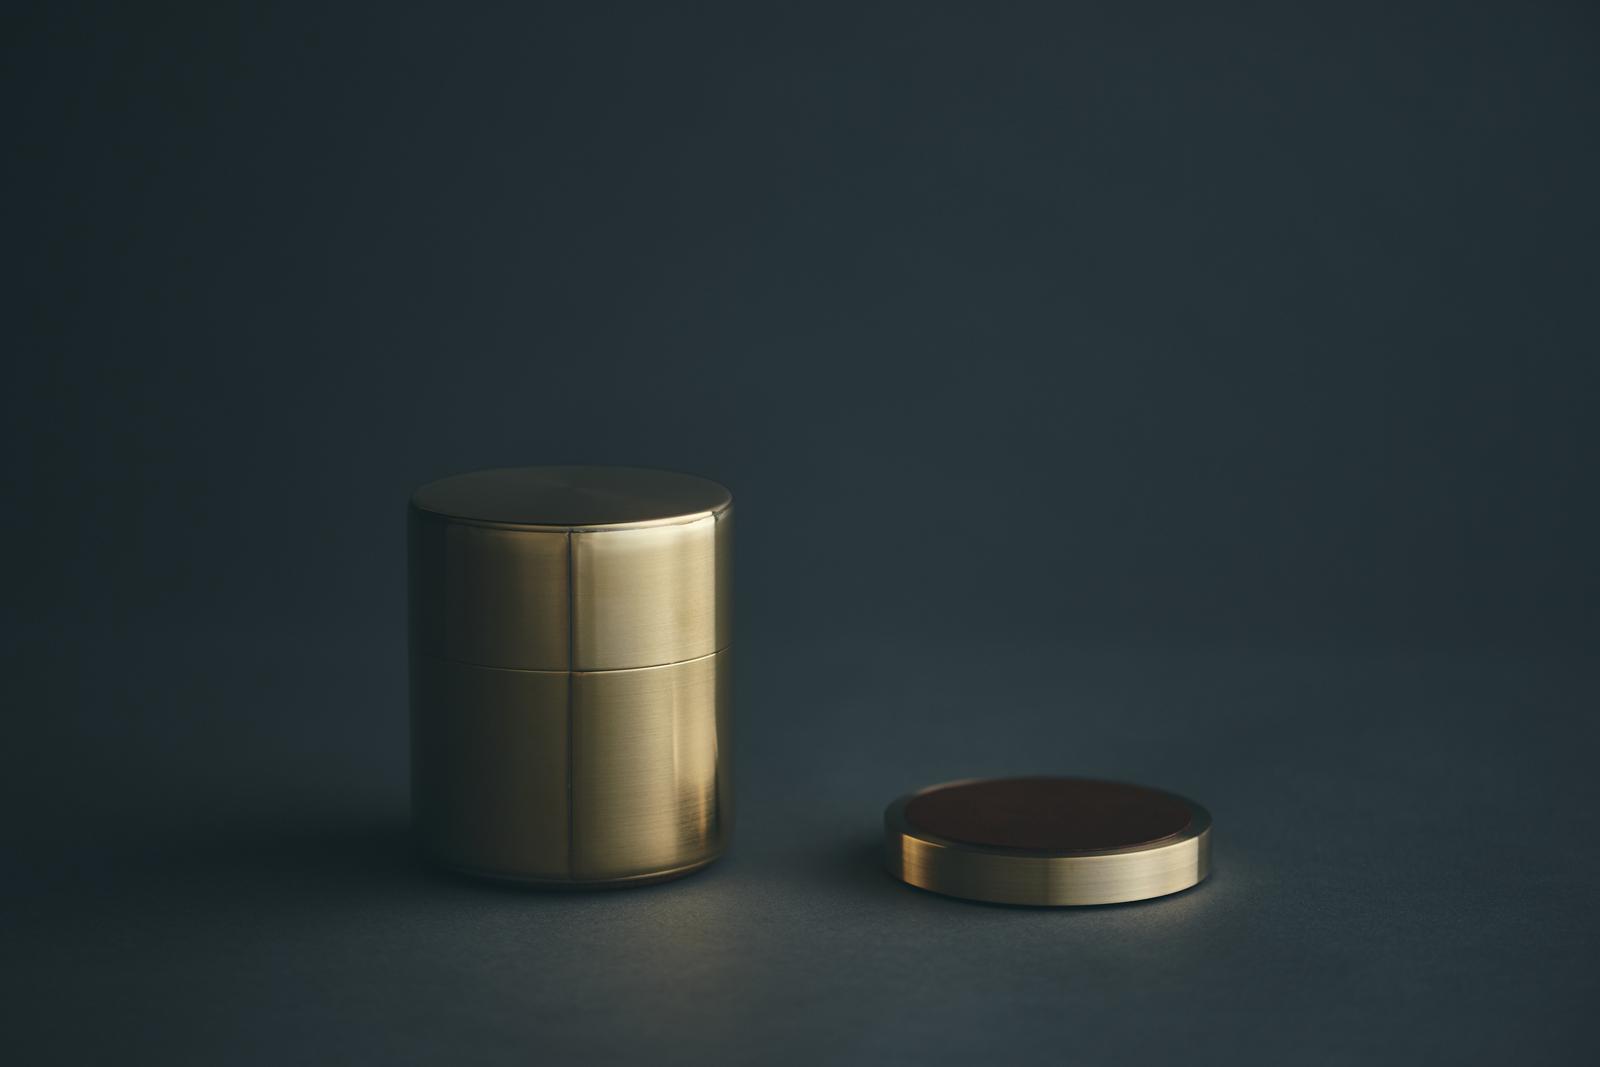 photo: Kyo-zutsu and its charger